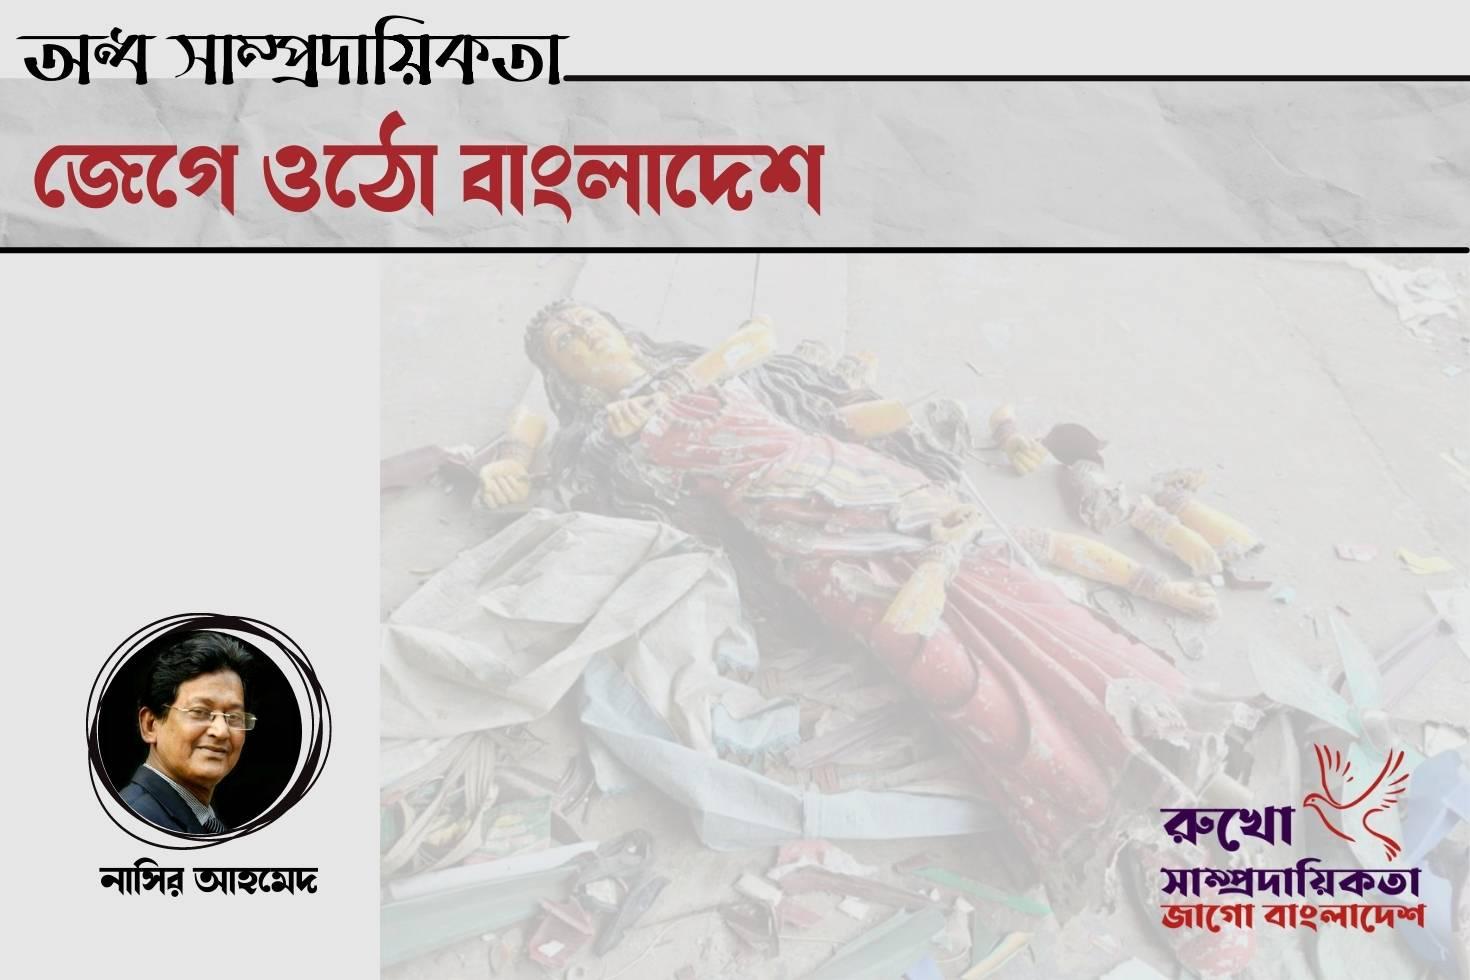 অন্ধ সাম্প্রদায়িকতা: জেগে ওঠো বাংলাদেশ